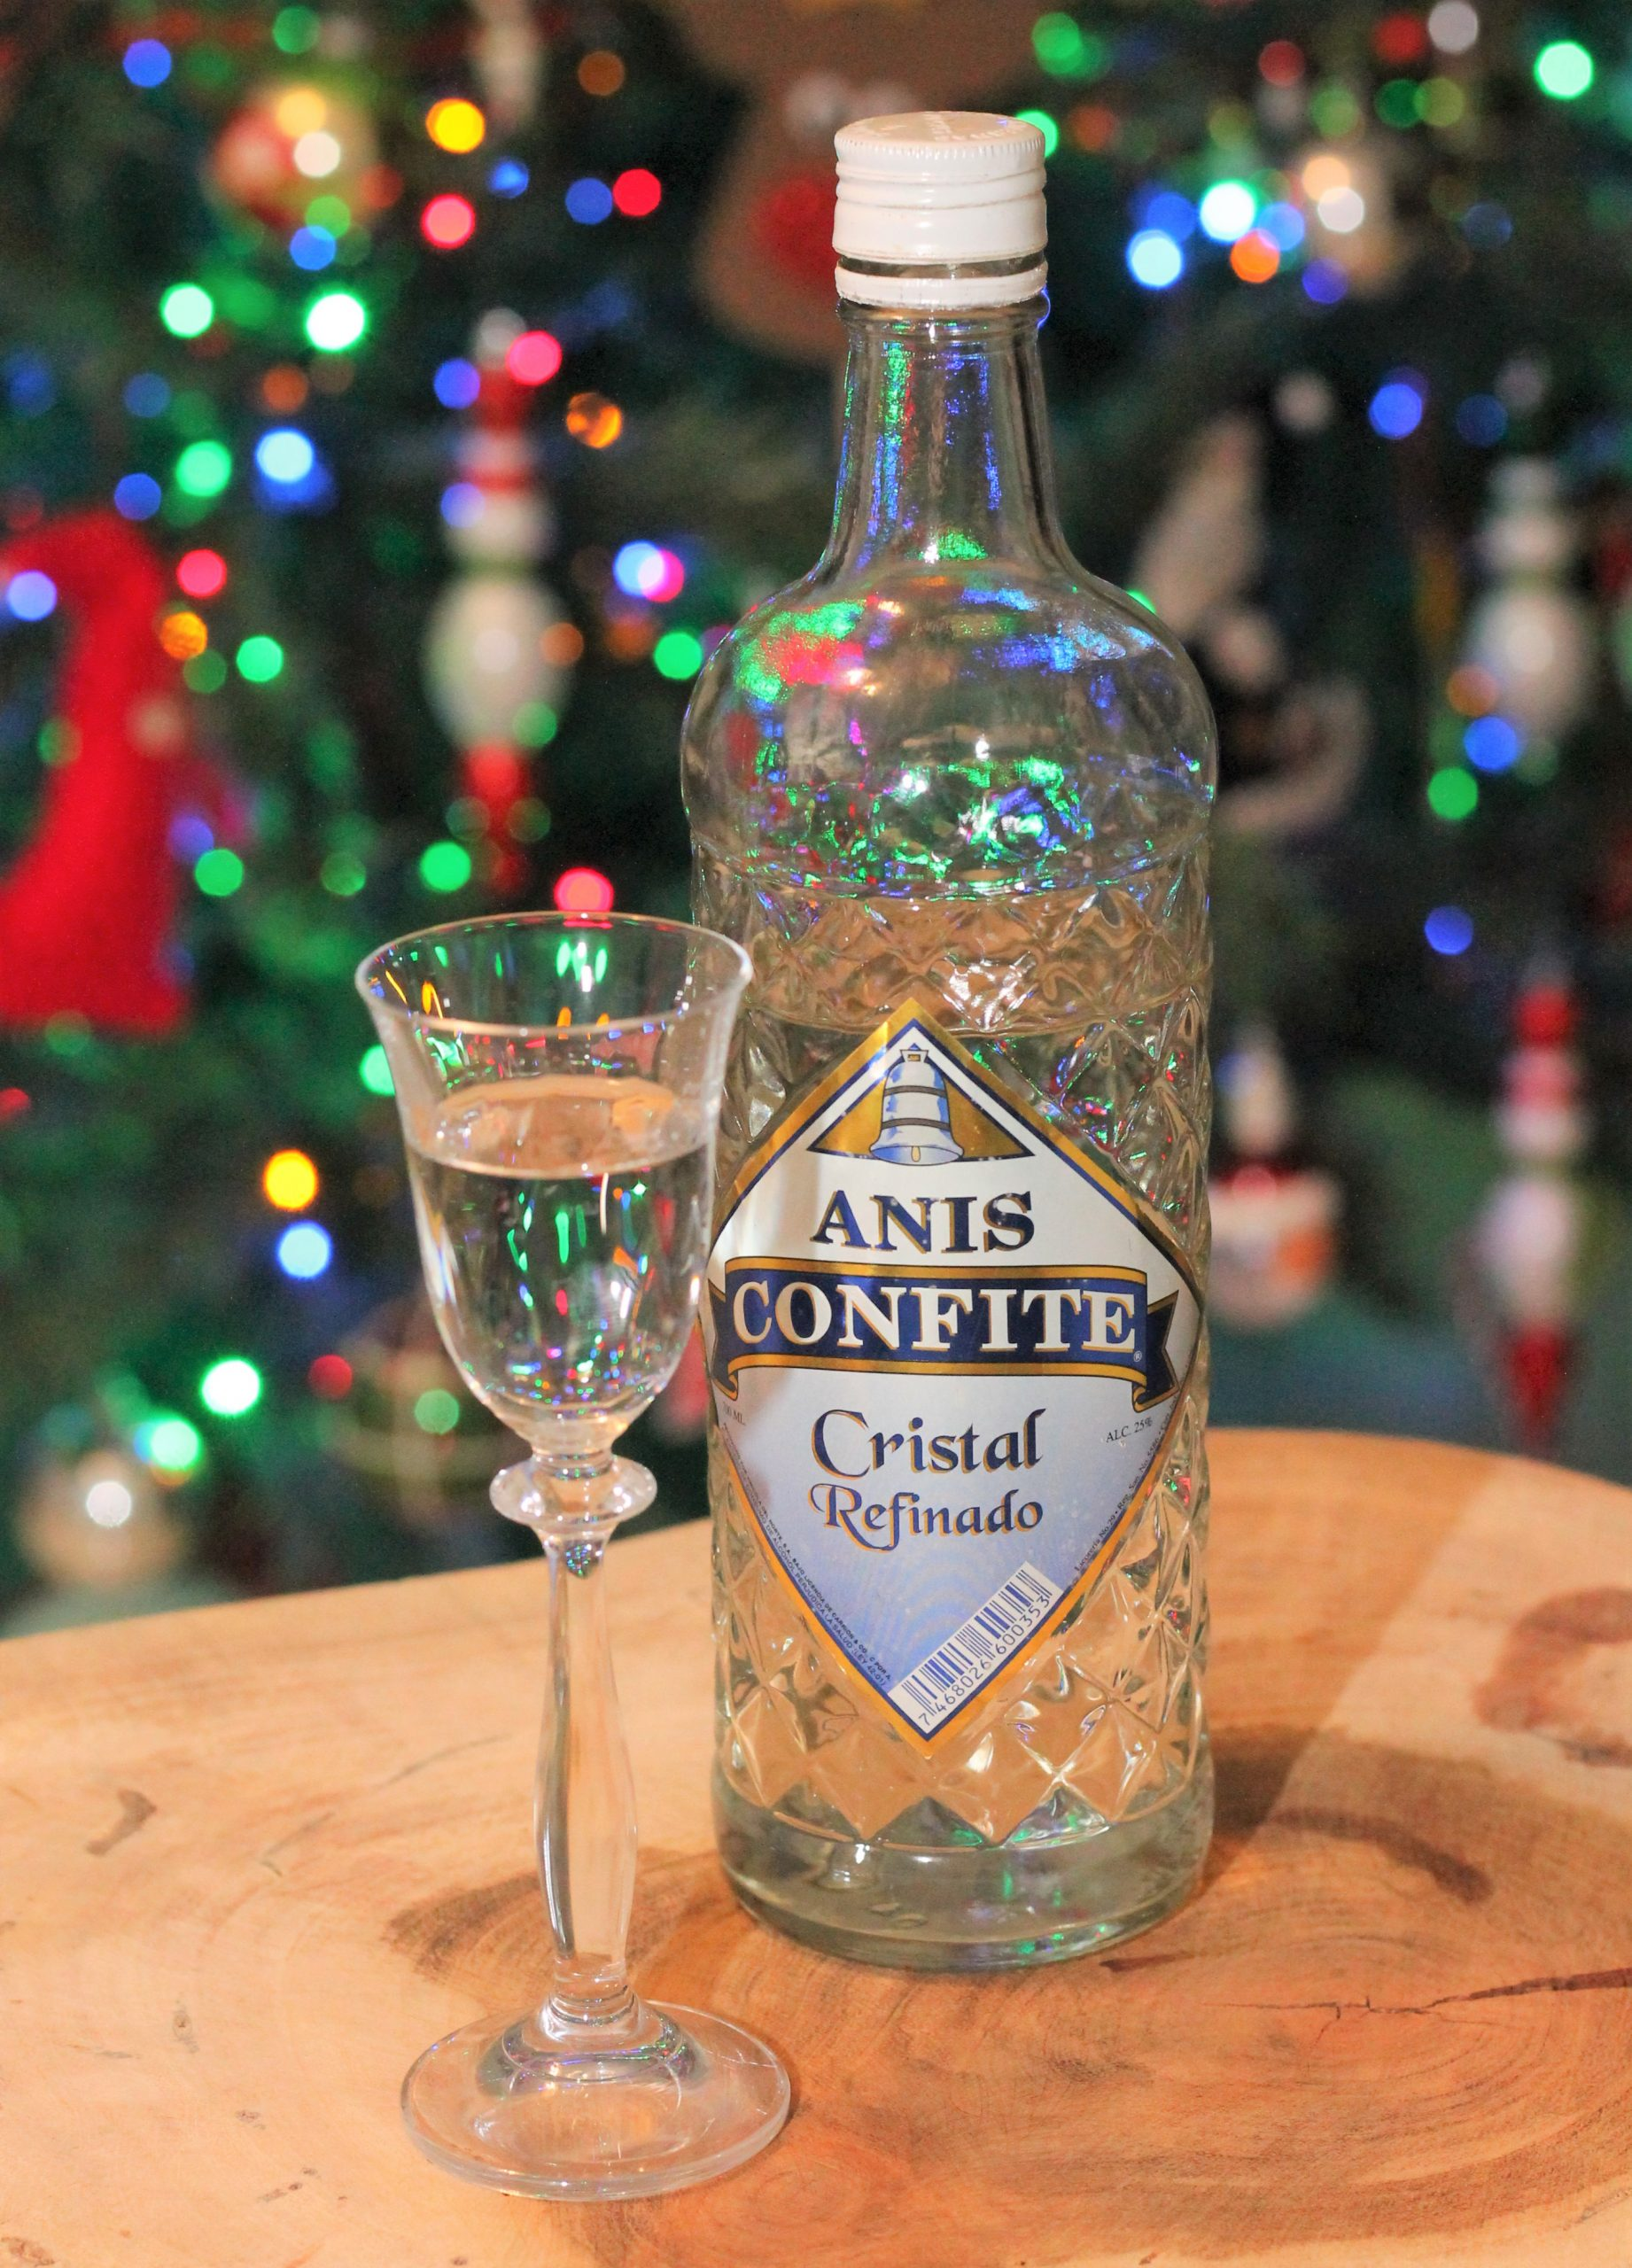 Anís Confite